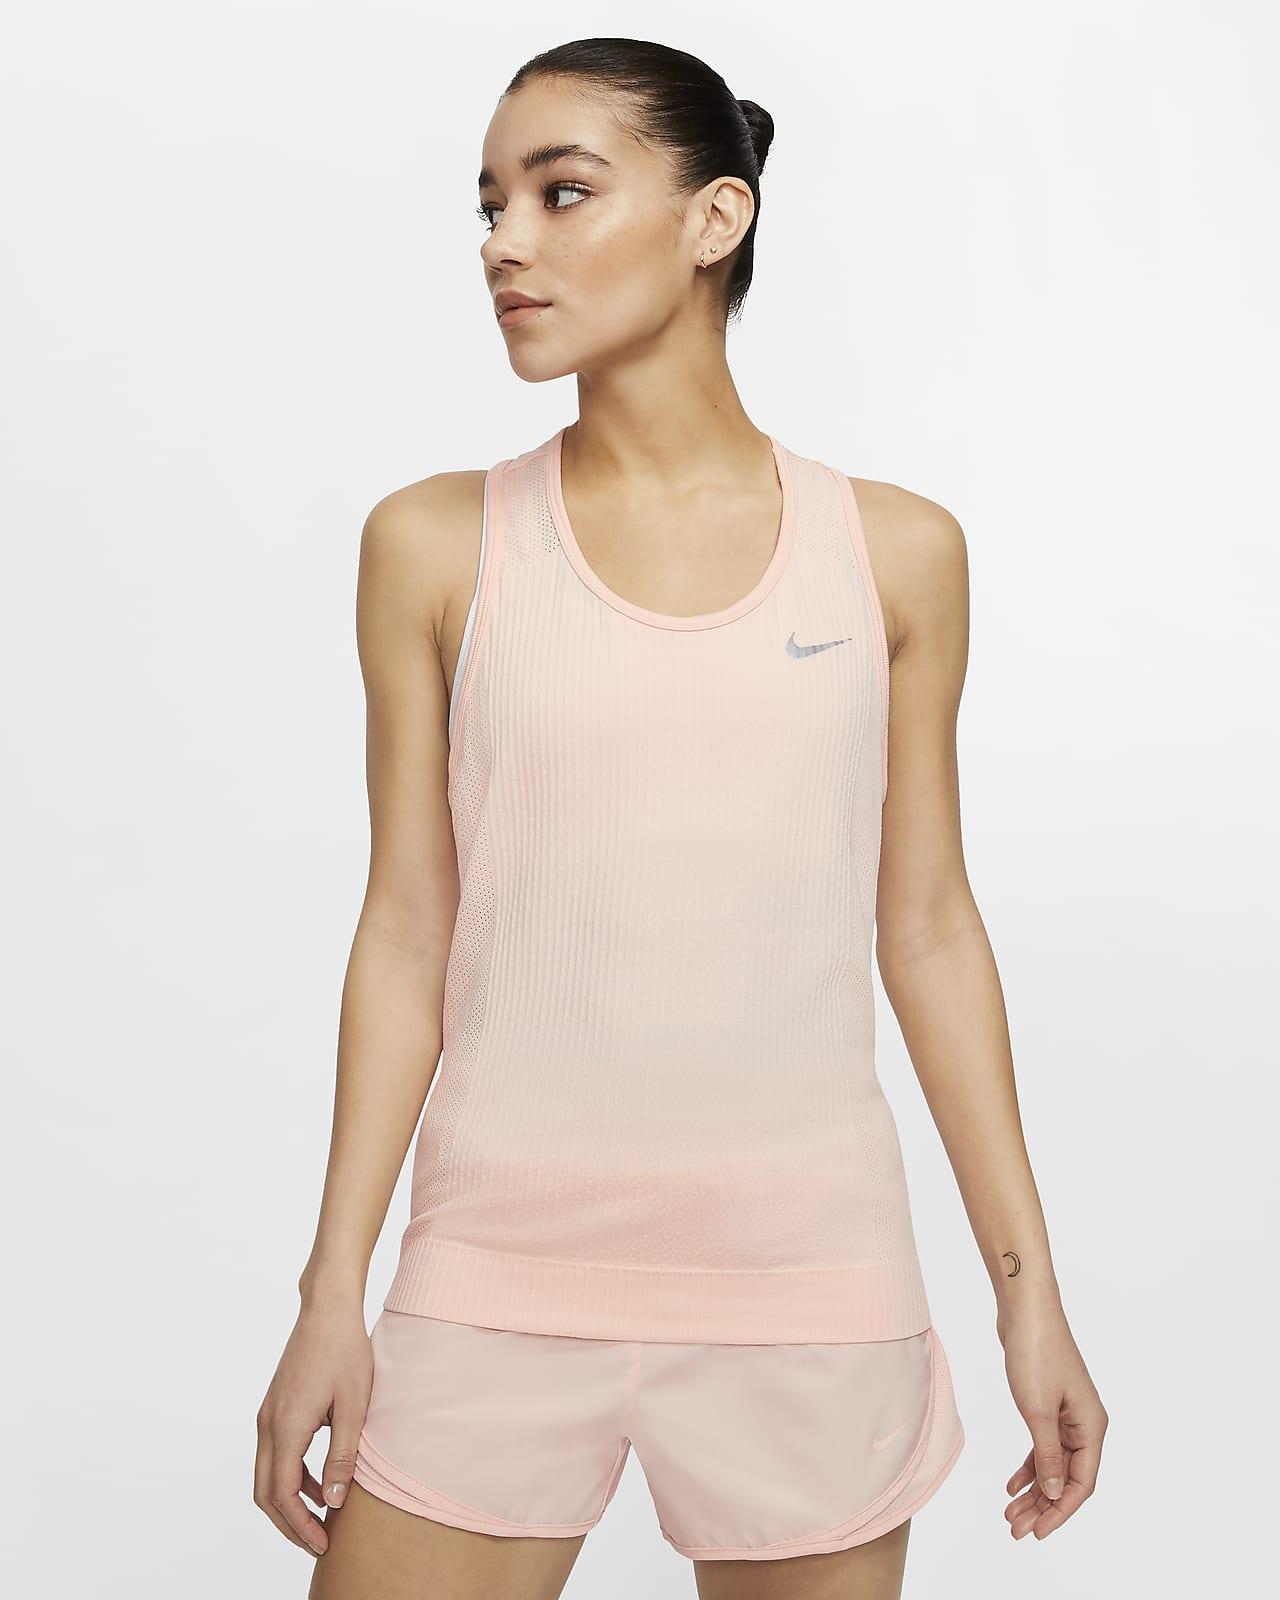 Γυναικείο φανελάκι για τρέξιμο Nike Infinite